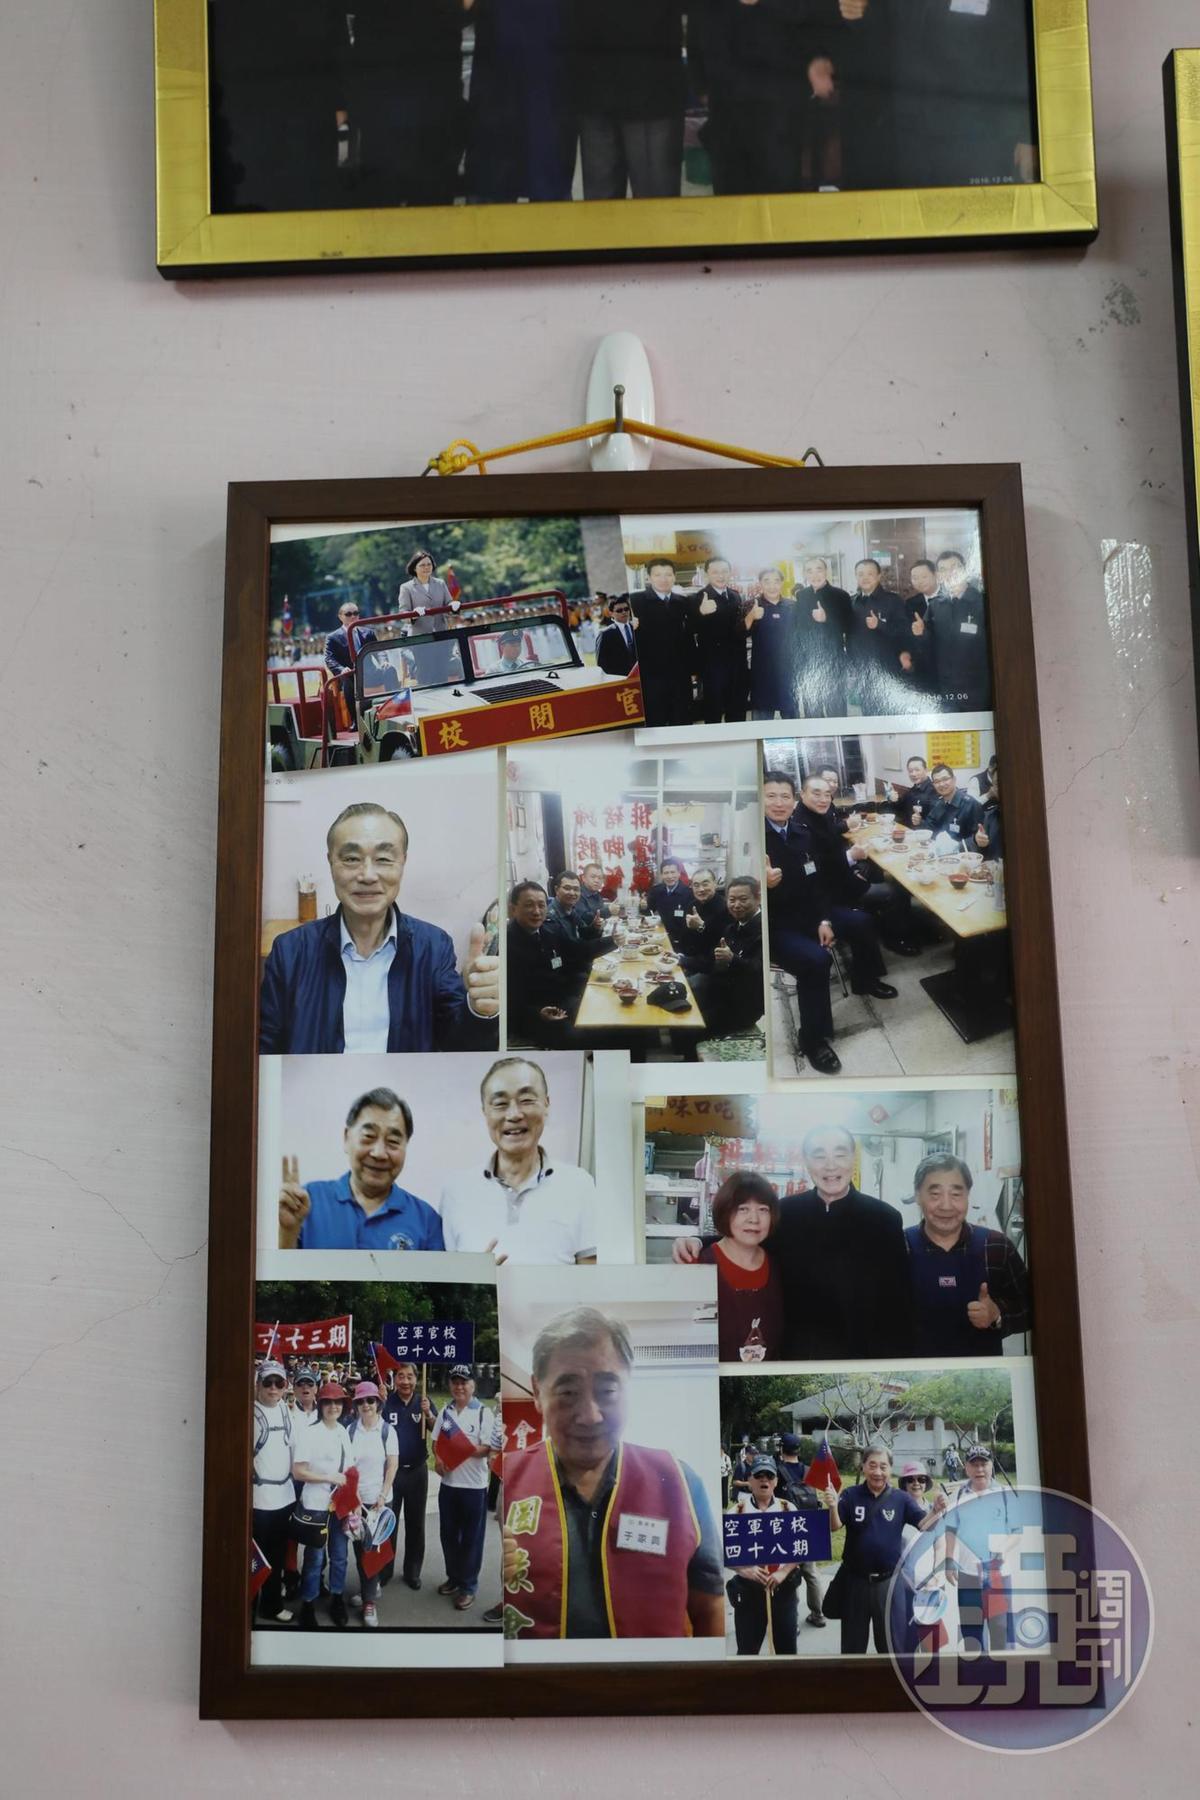 前國防部長馮世寬和老闆是官校同期同學,牆上多張合照,顯見好交情。